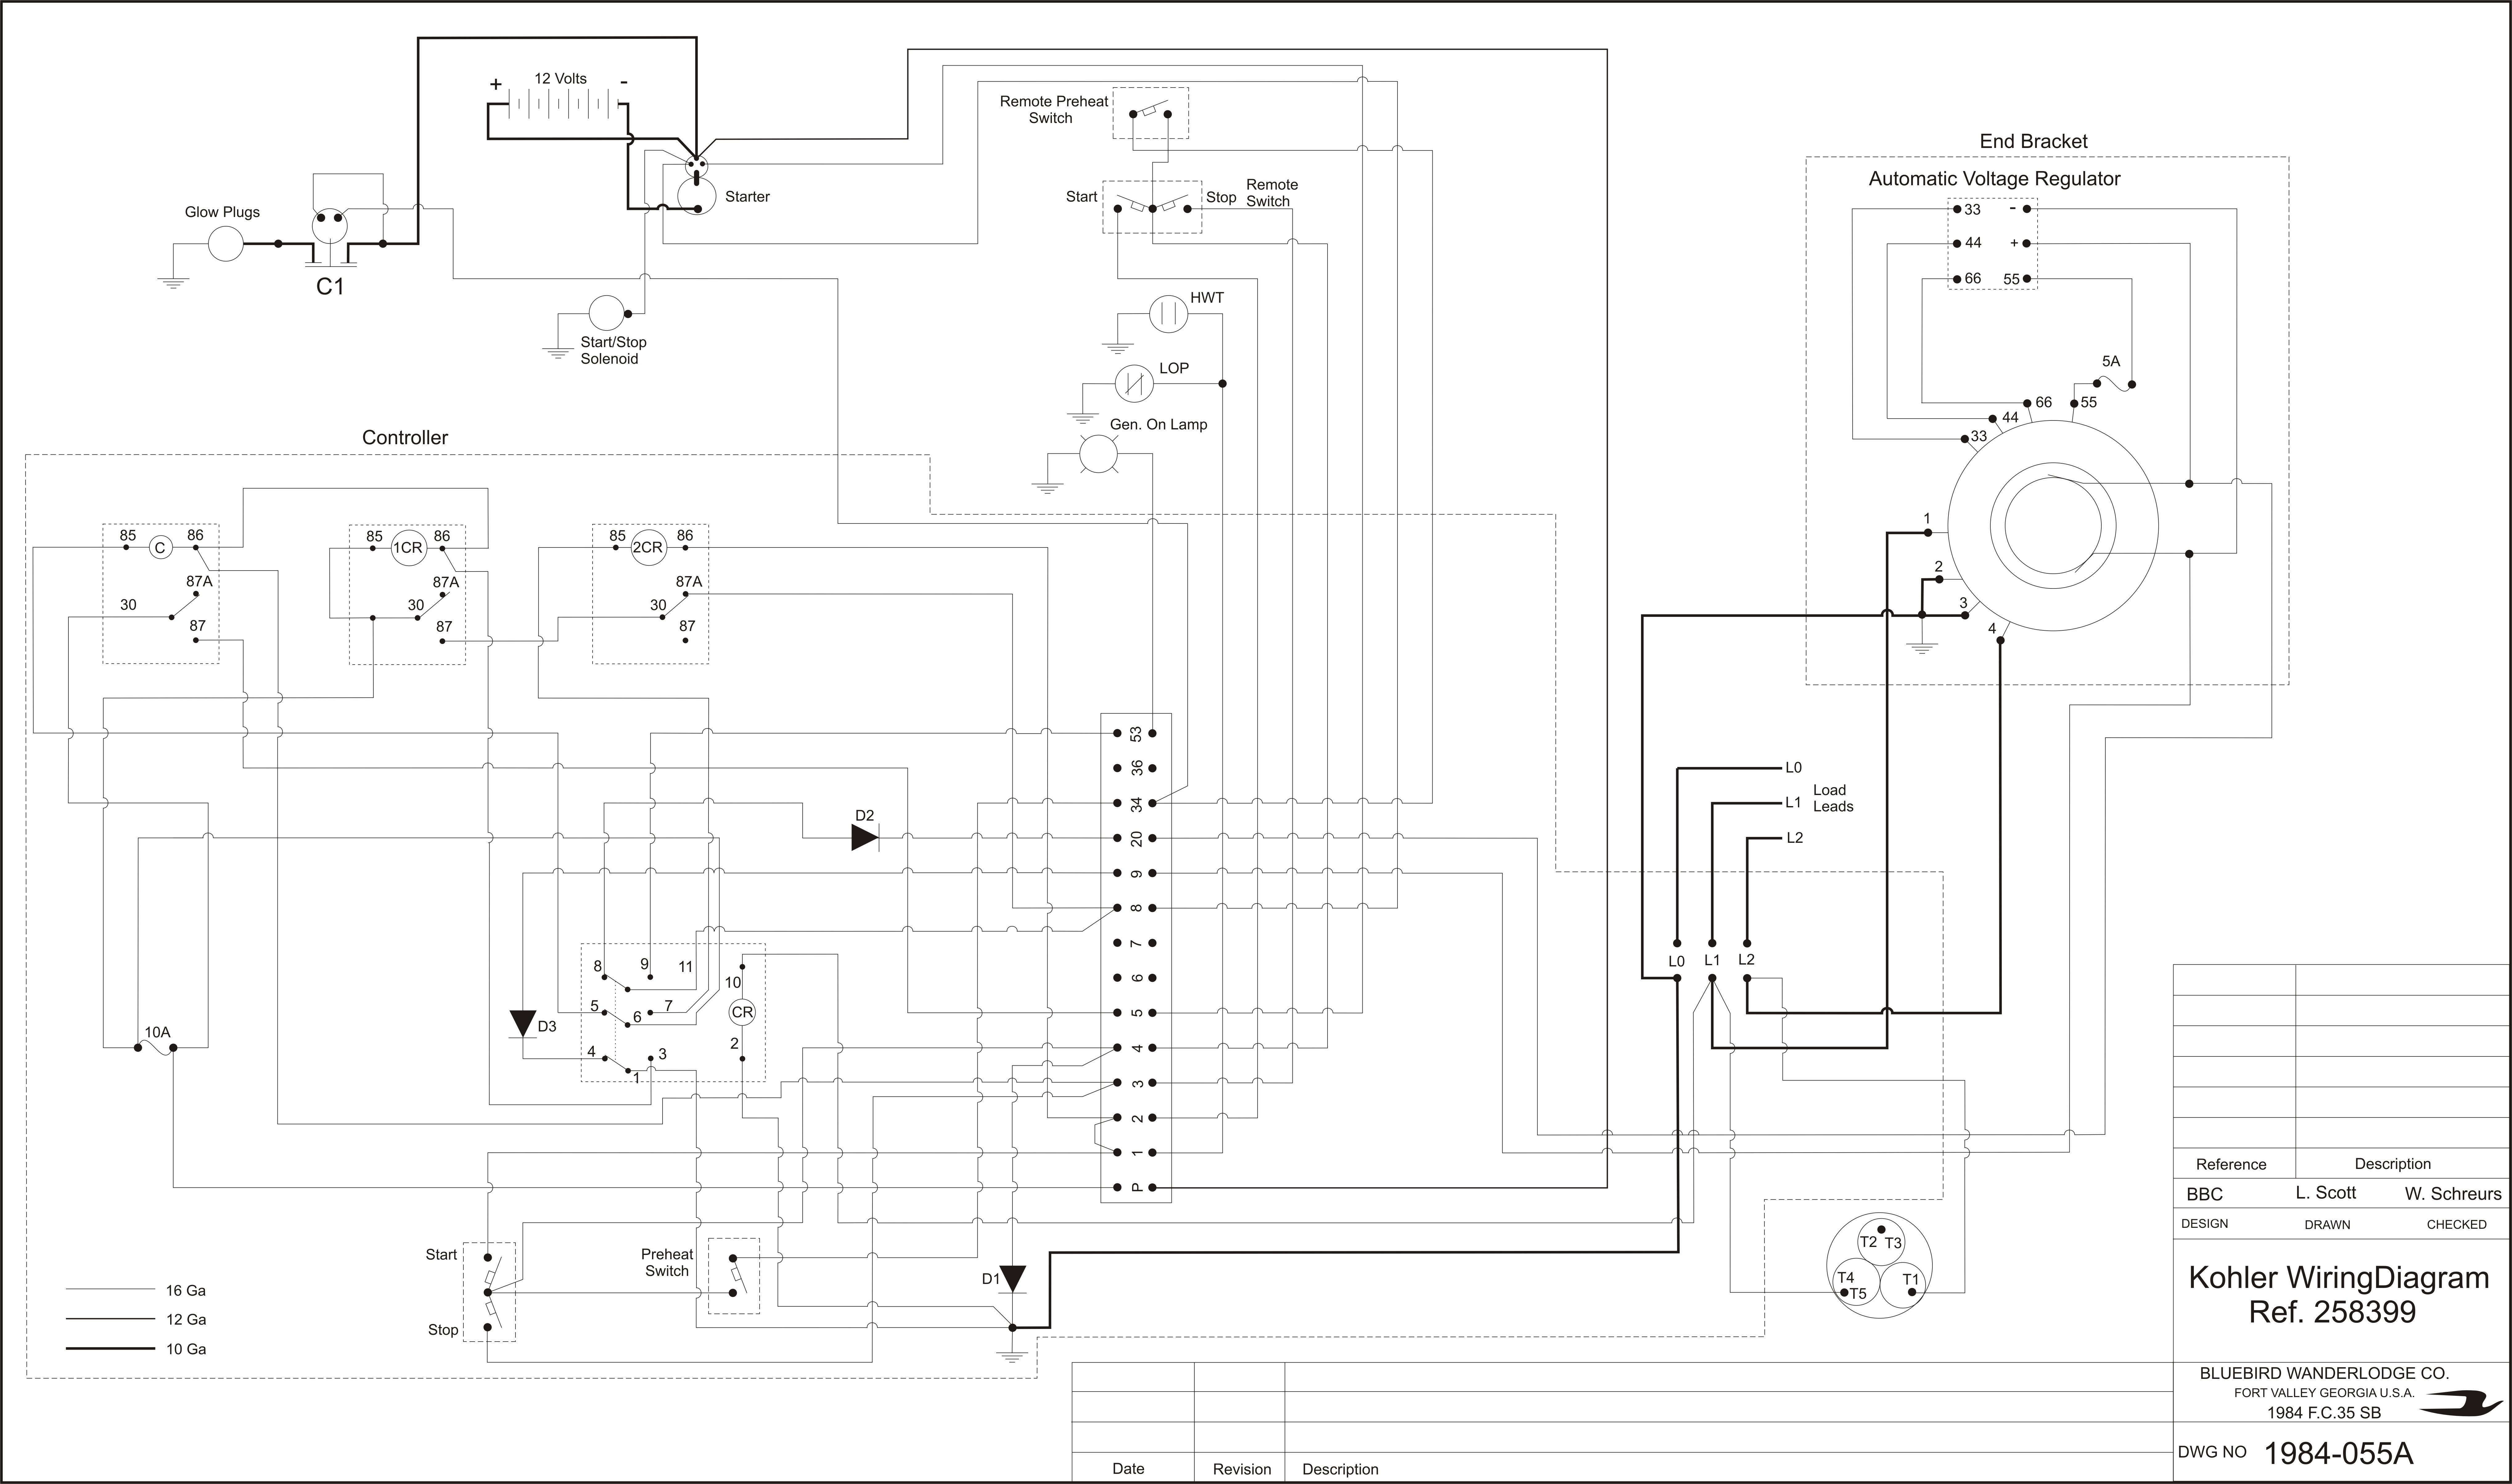 Wiring Diagrams 1998 Bluebird Library. 2002 Bluebird Bus Wiring Diagram Schematic. Wiring. Blue Bird Wiring Diagram 2002 At Scoala.co